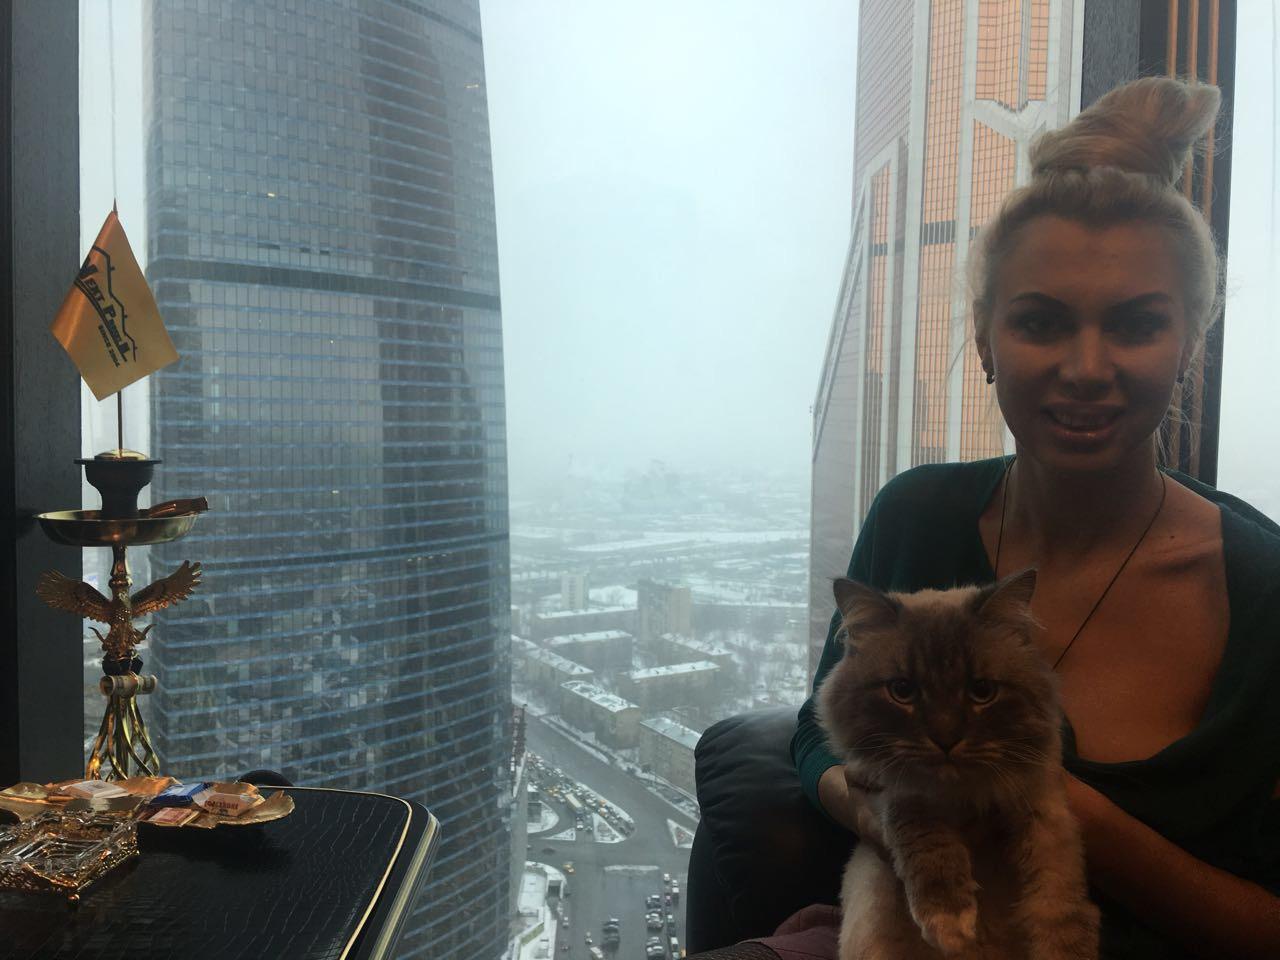 Кота приняли! Вакансия «Элитный кот дегустатор квартир» закрыта